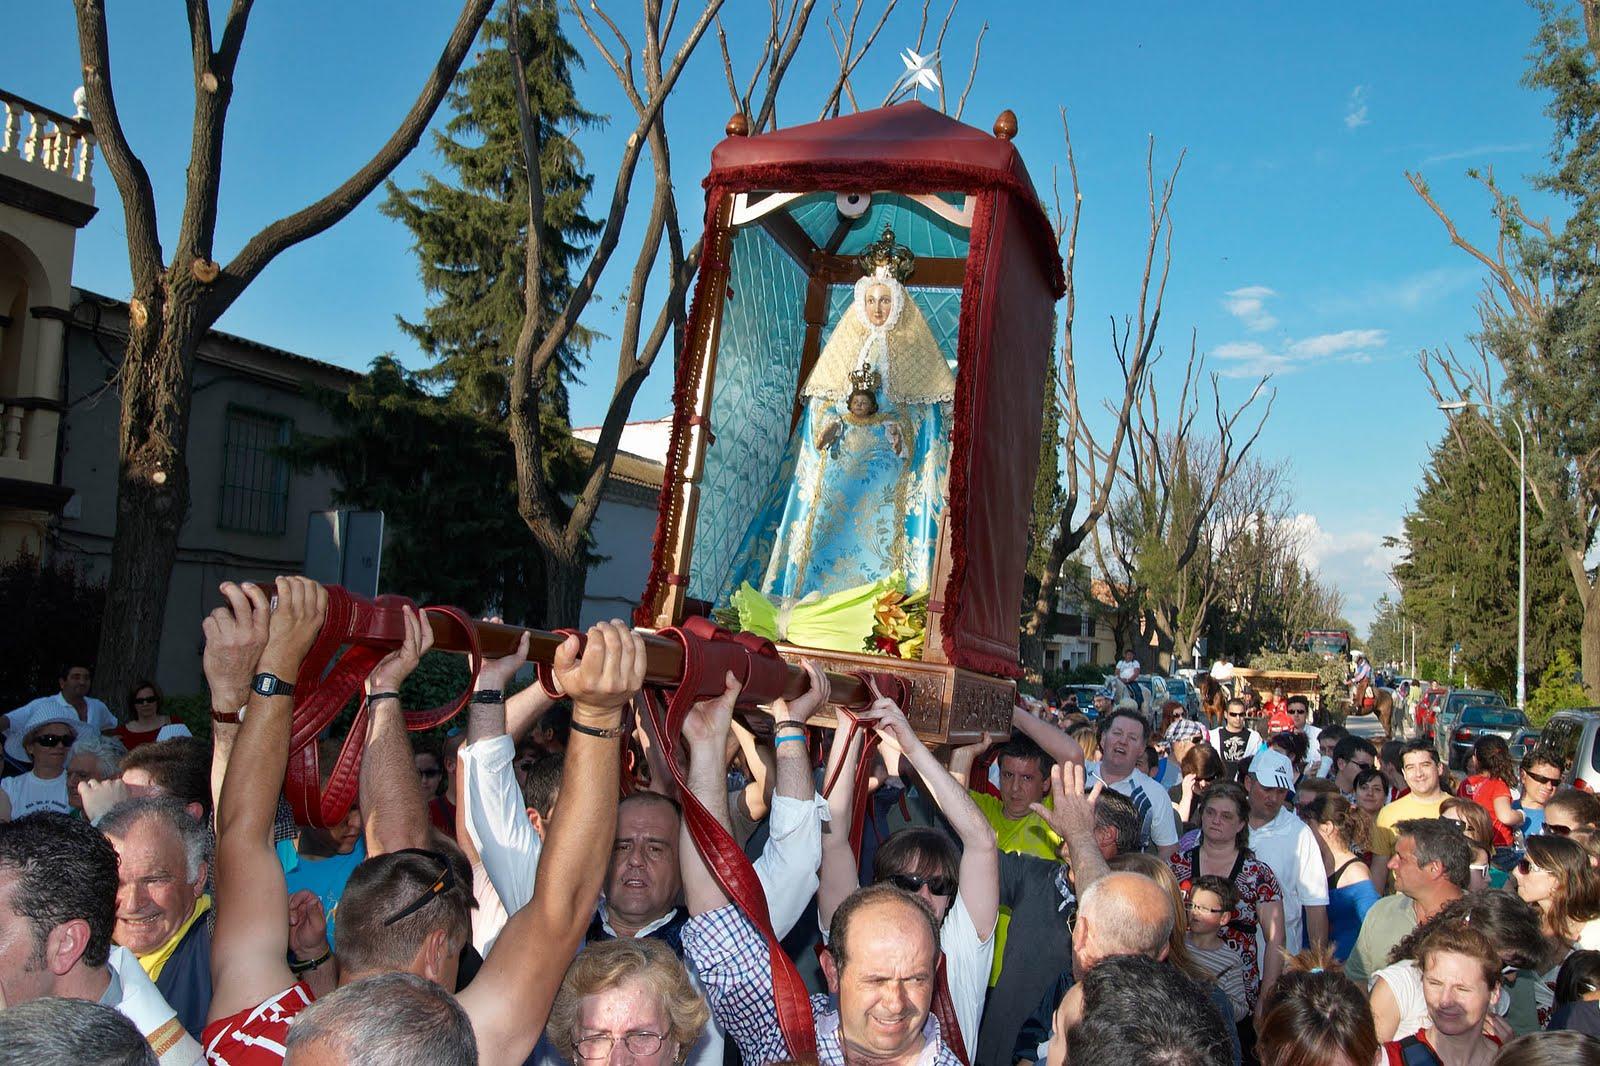 Virgen de Peñarroya, Aparece en un Muro, España (últ dgo abr, 2º dom sep)